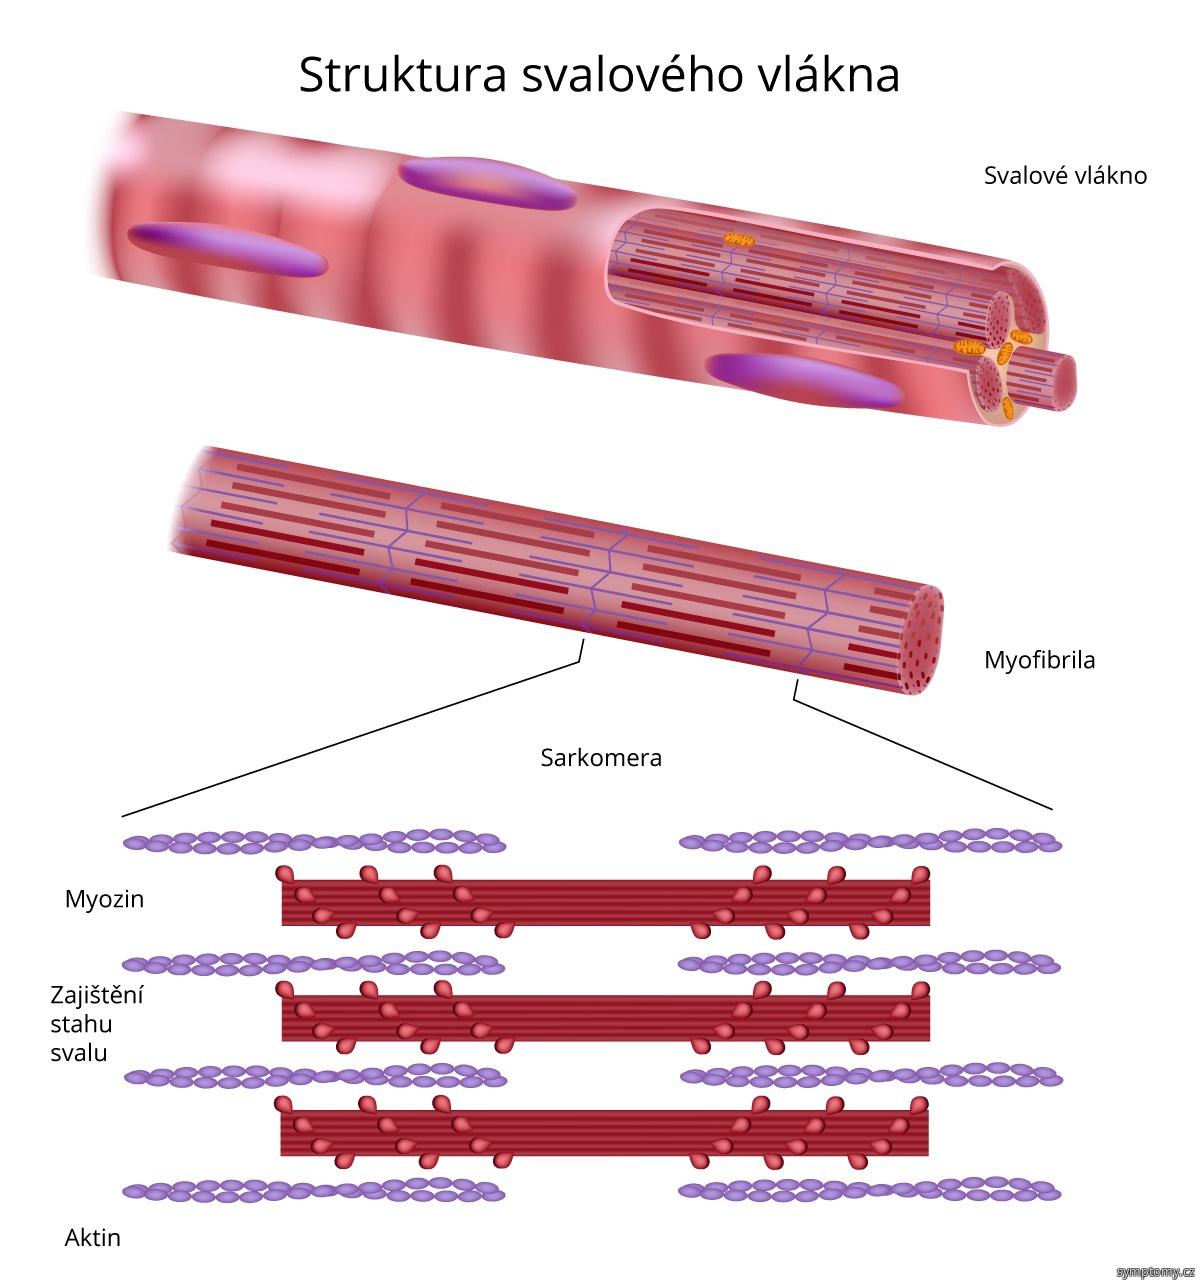 Struktura svalového vlákna